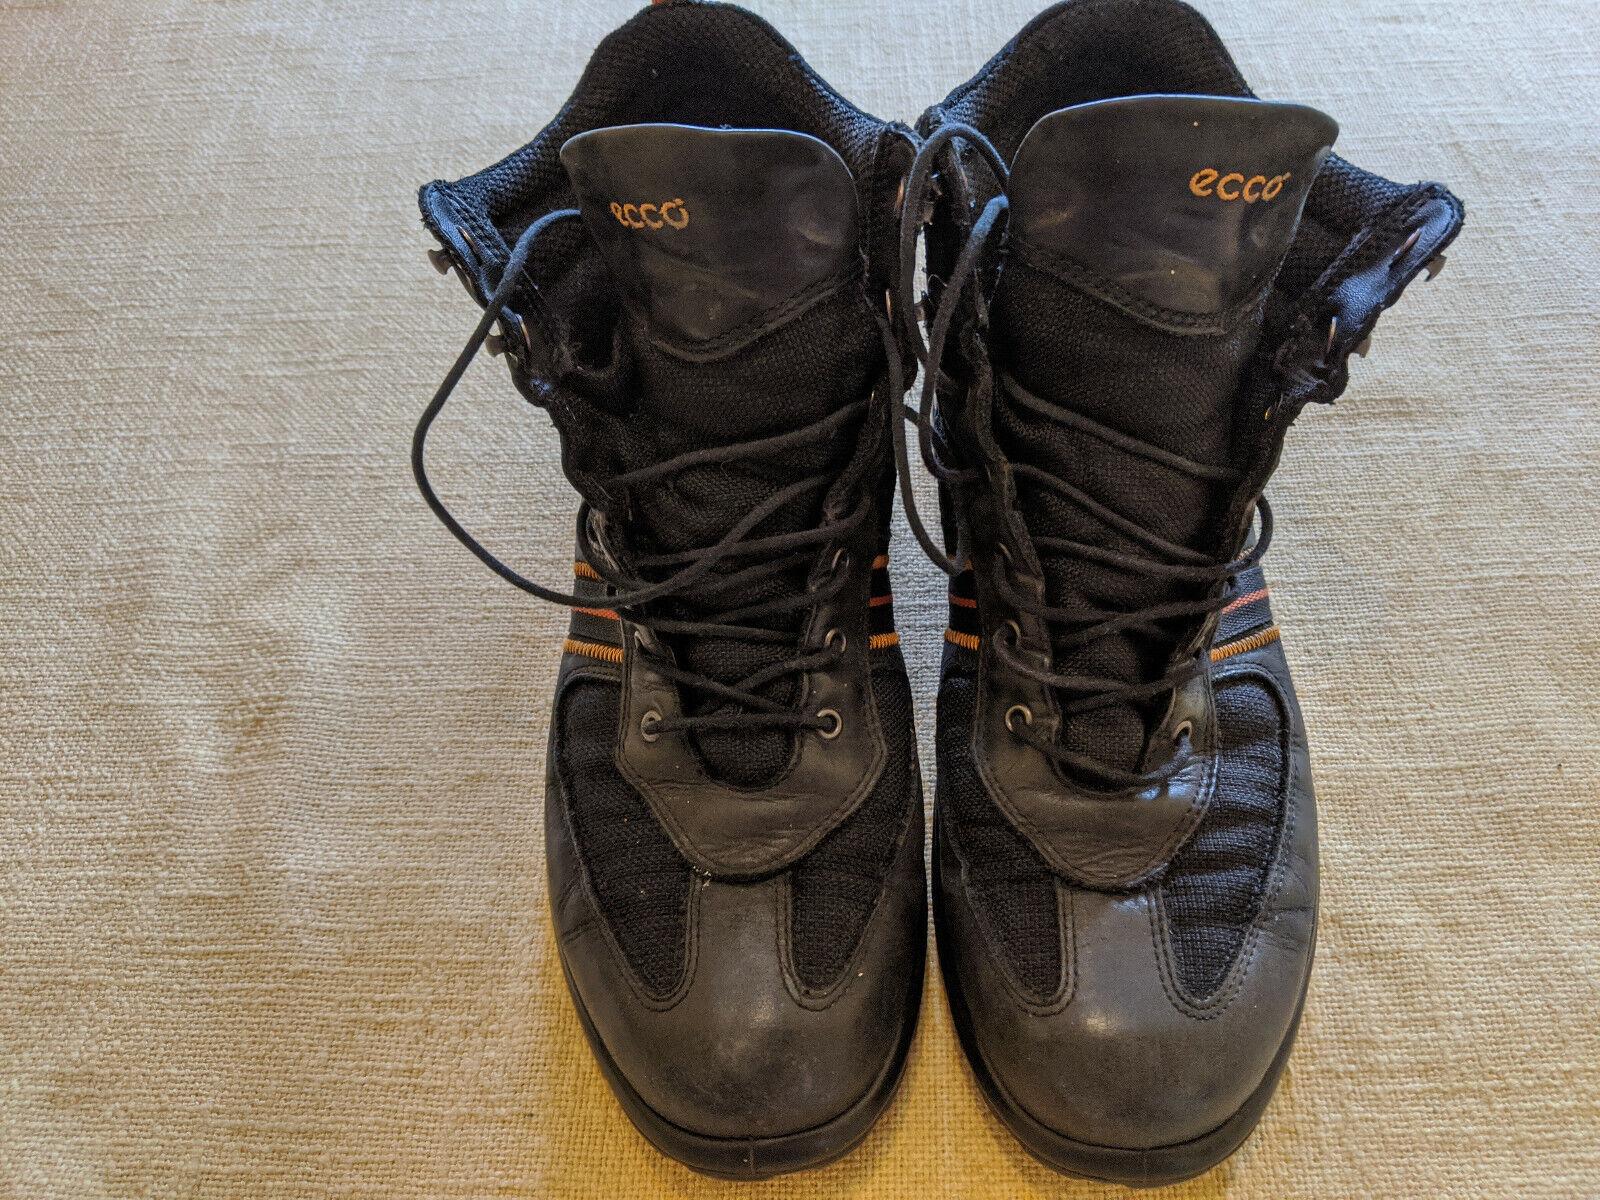 ECCO schöne Boots, Wanderschuhe Gr. EU 41, schwarz, guter Zustand